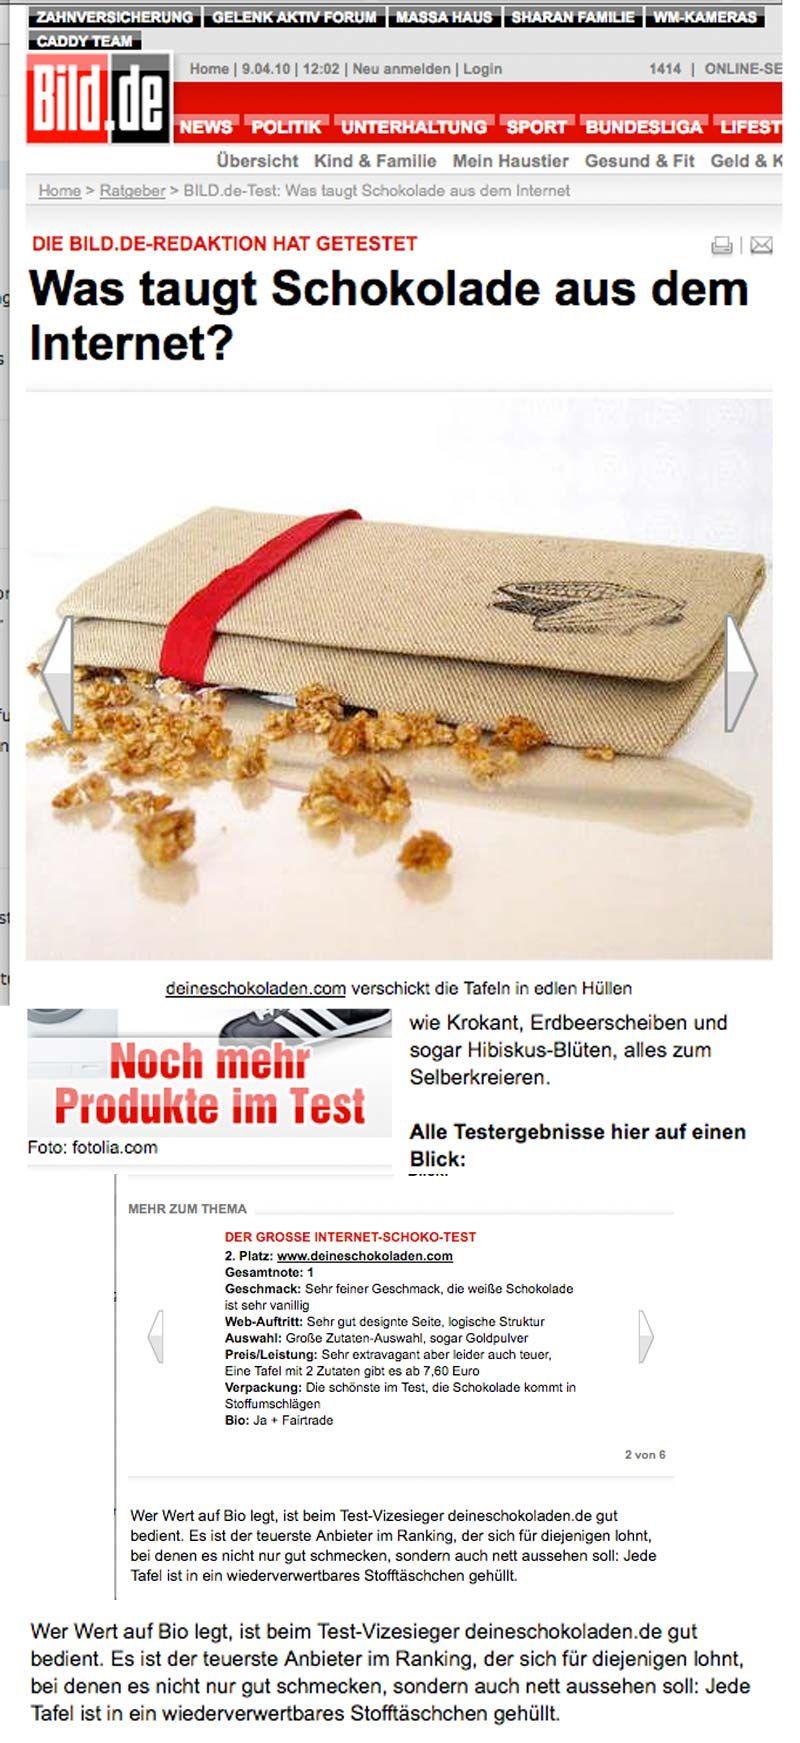 Bericht unter Bild.de